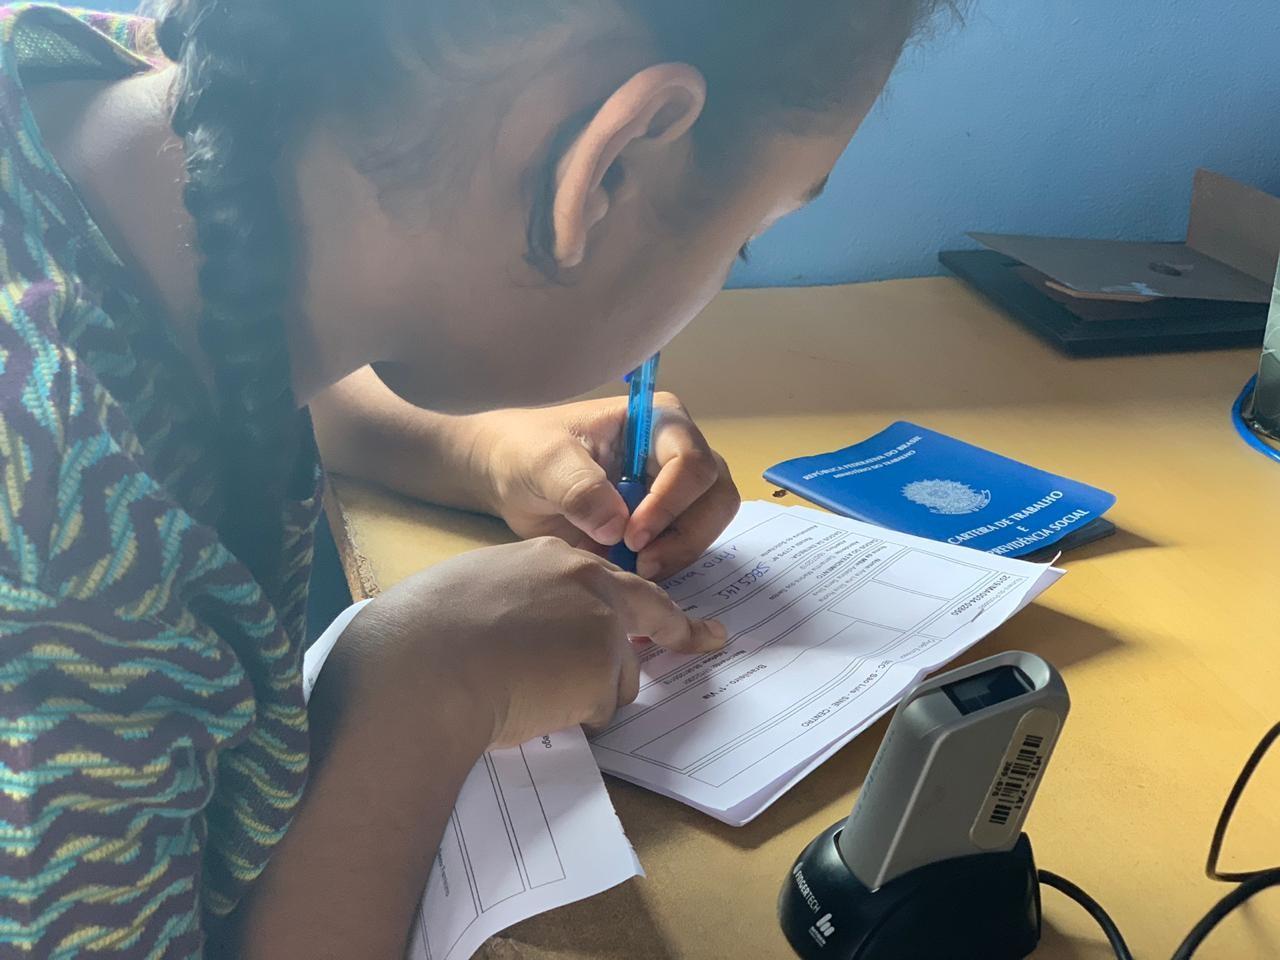 Curso de capacitação profissional gratuito tem vagas abertas para jovens em Ribeirão Preto, SP